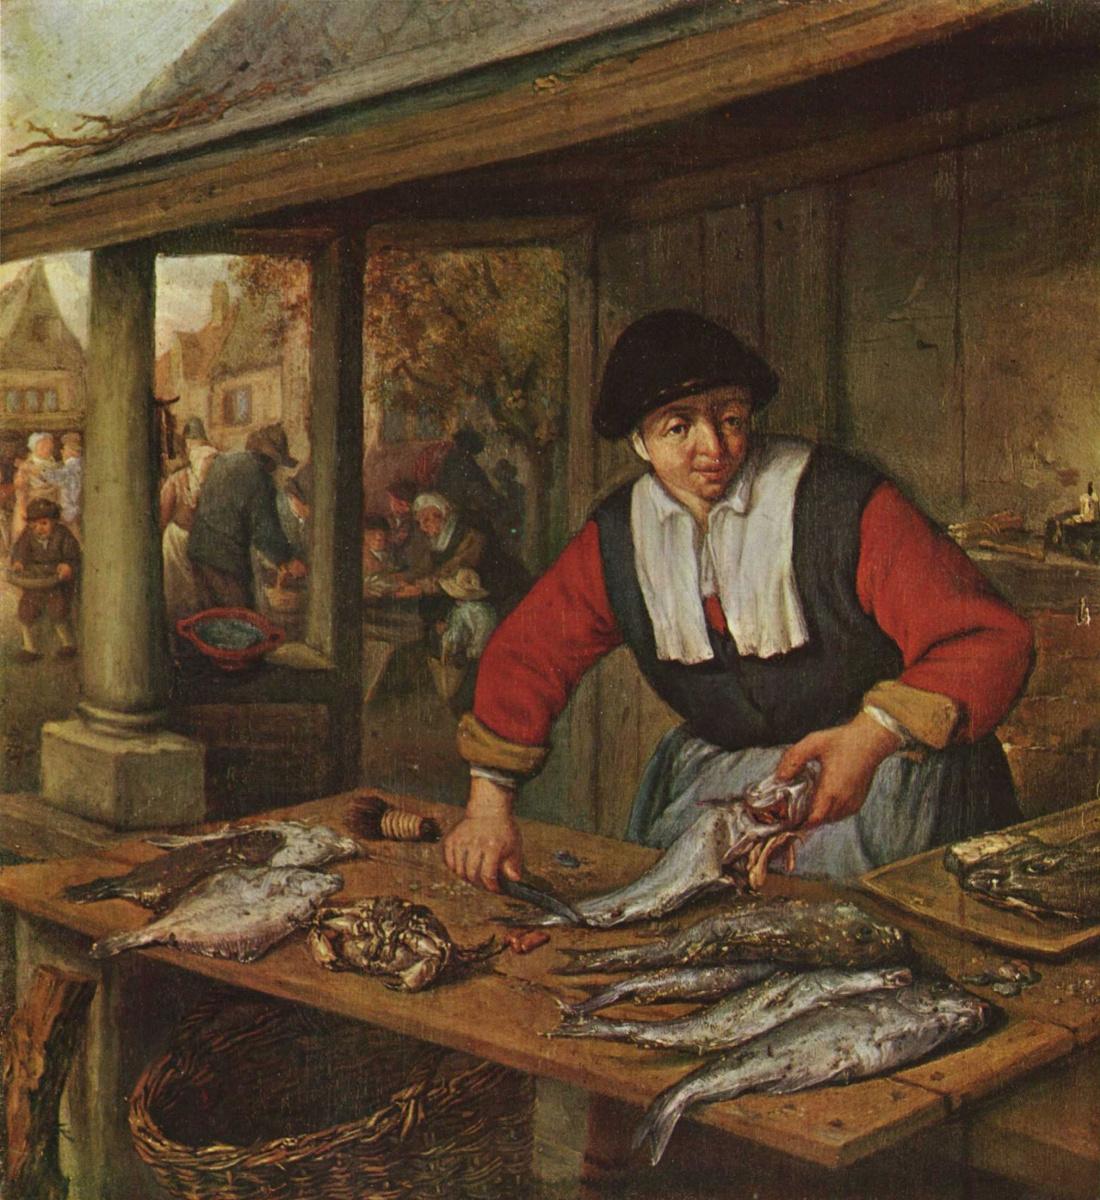 Адриан Янс ван Остаде. Продавщица рыбы